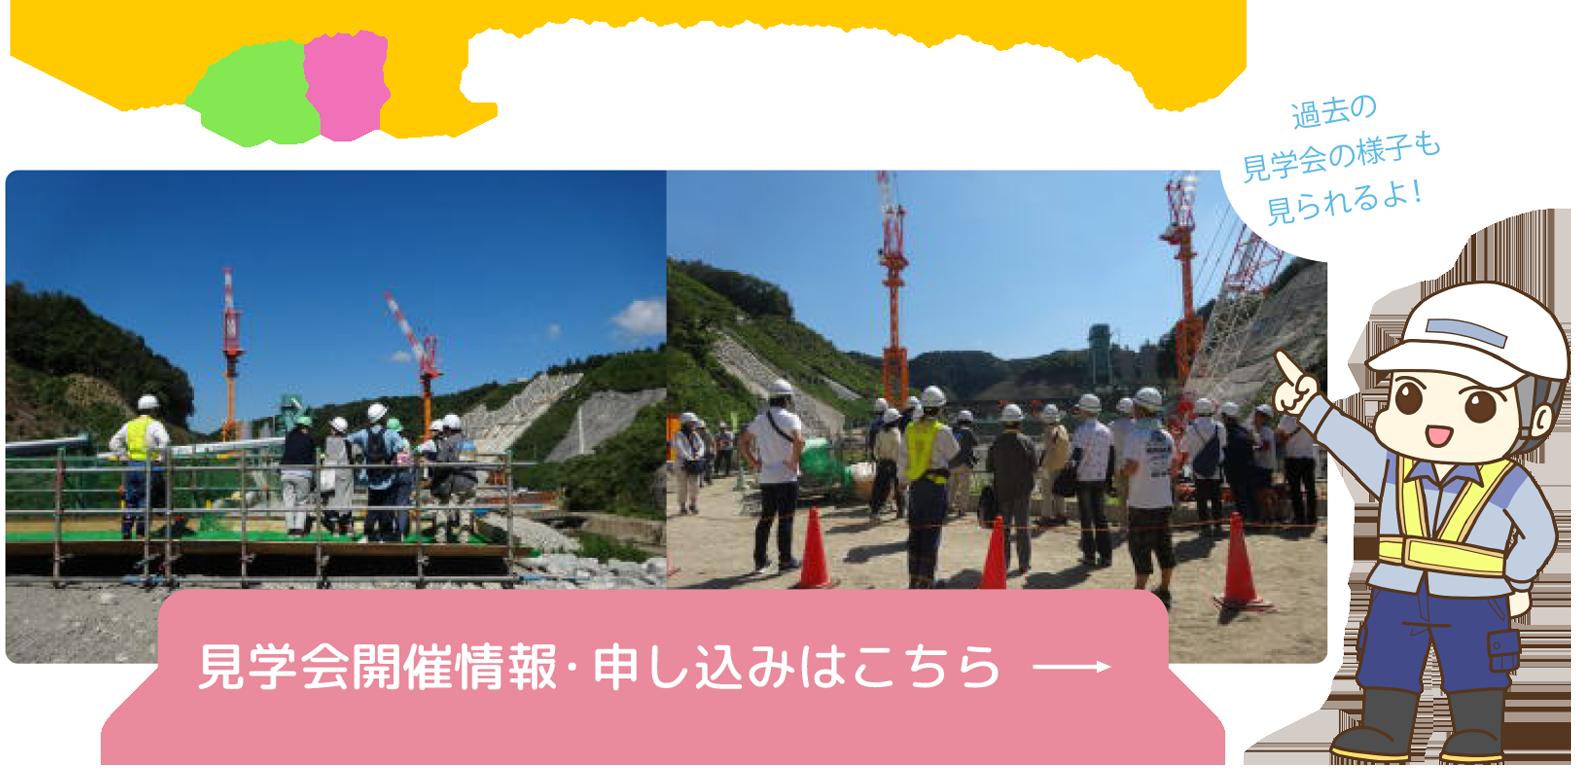 ライブ 川上 カメラ ダム